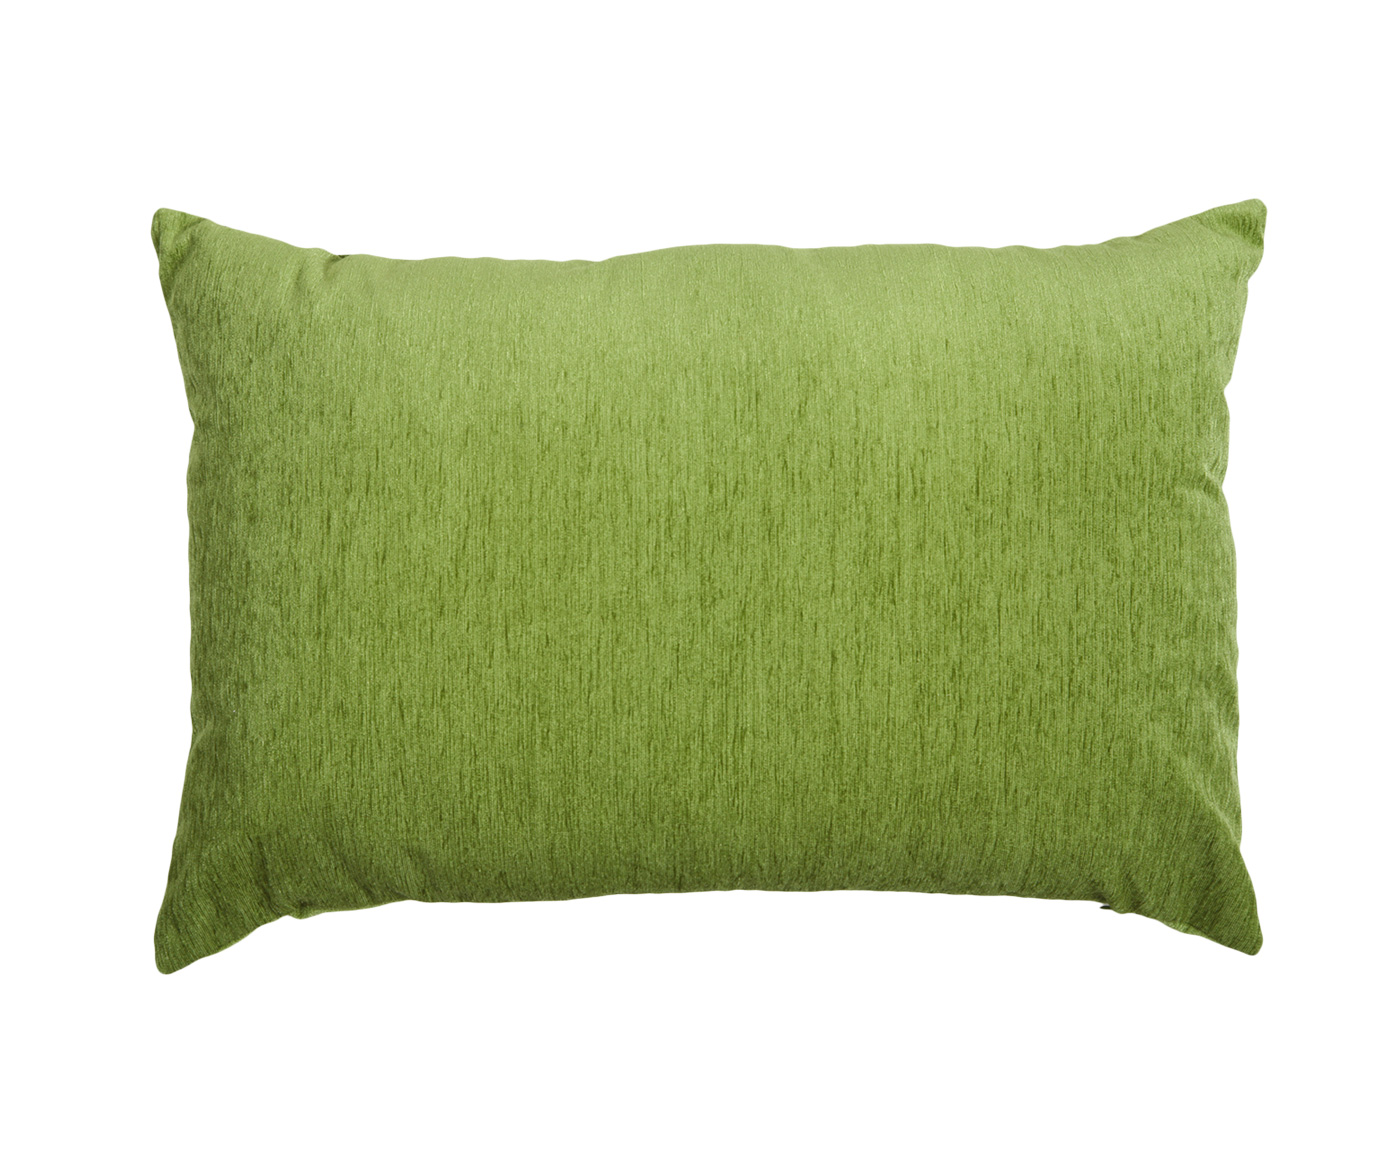 Подушка НегаПрямоугольные подушки и наволочки<br>Декоративная  подушка .Чехол съемный.<br><br>Material: Шелк<br>Length см: None<br>Width см: 60<br>Depth см: 15<br>Height см: 40